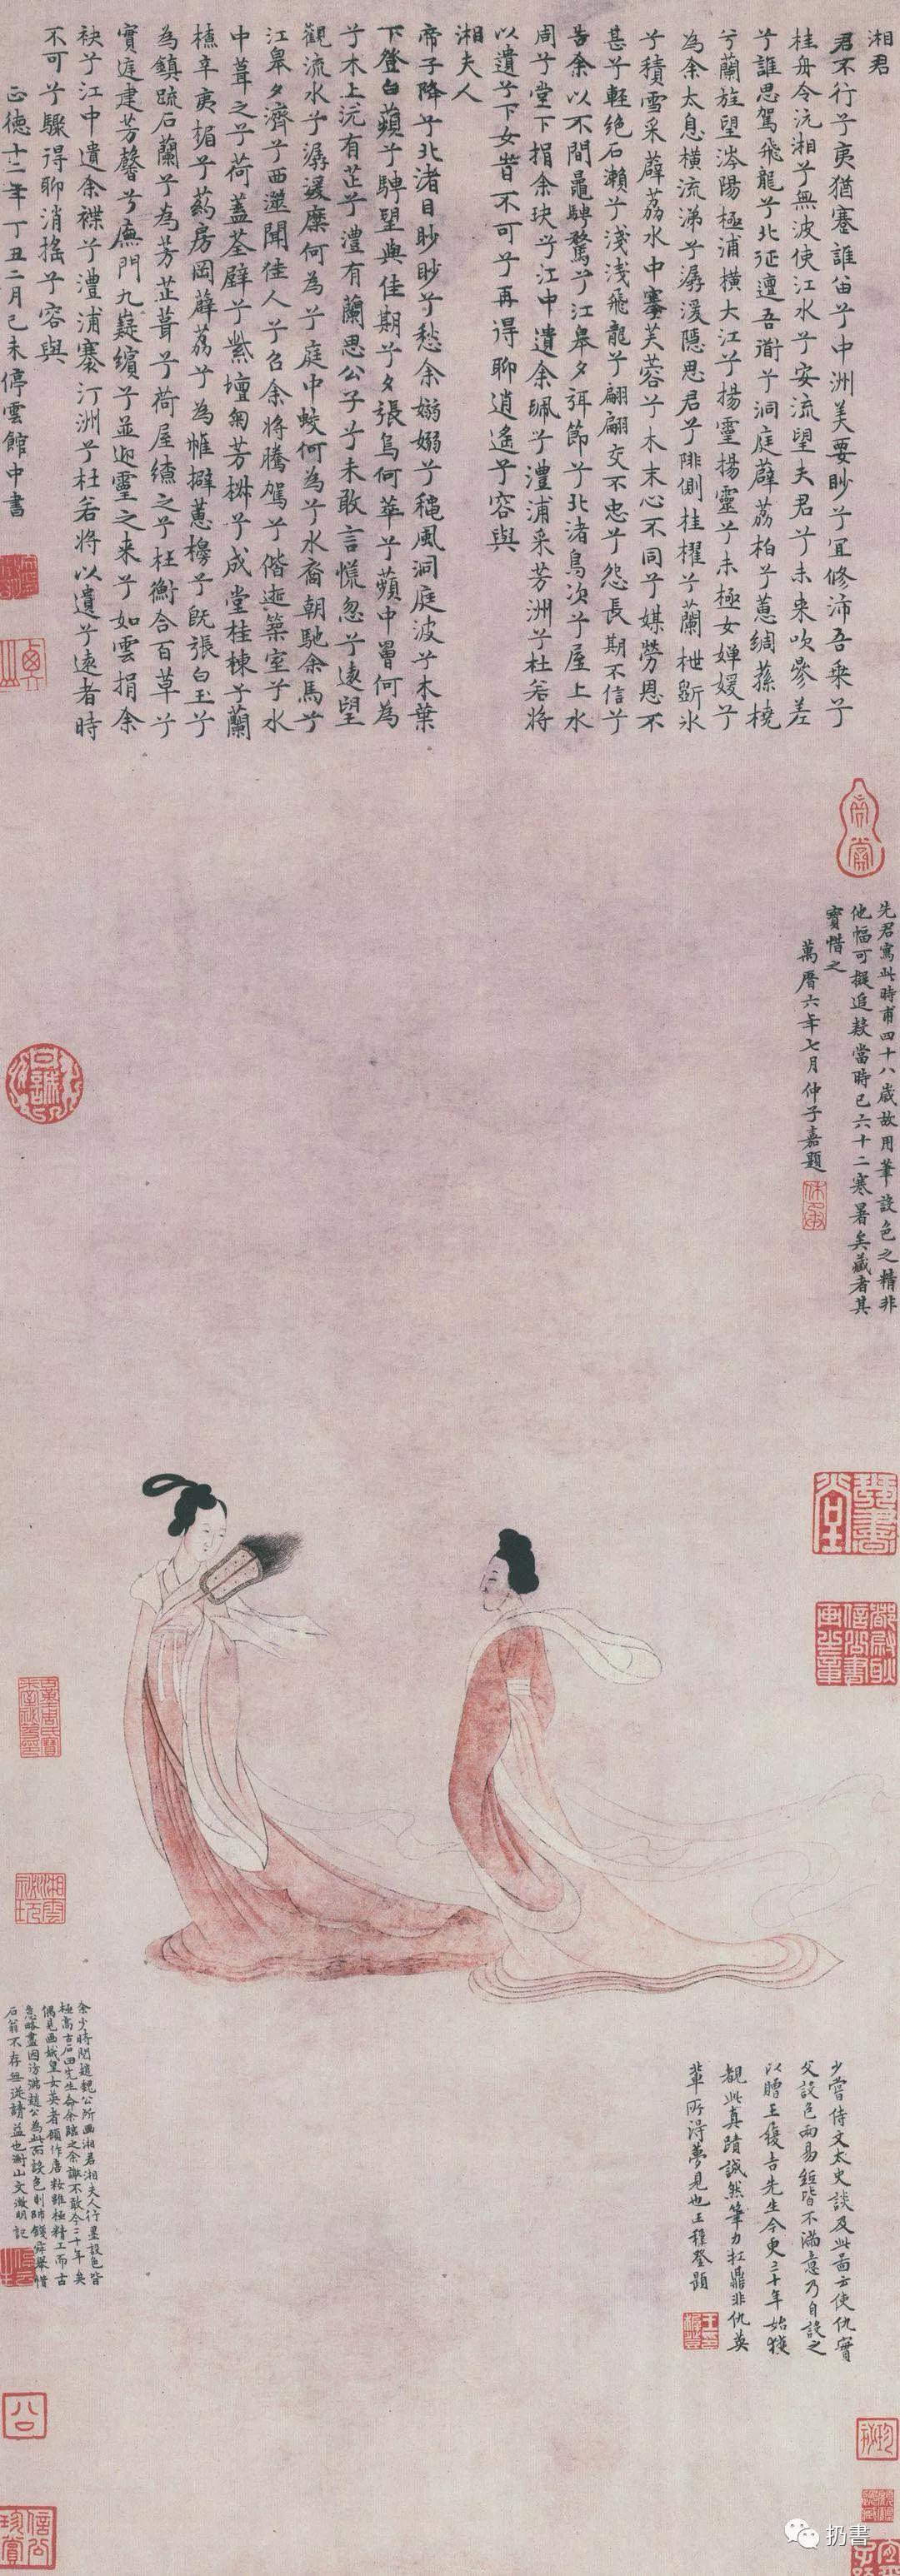 《湘君湘夫人图》,故宫博物院